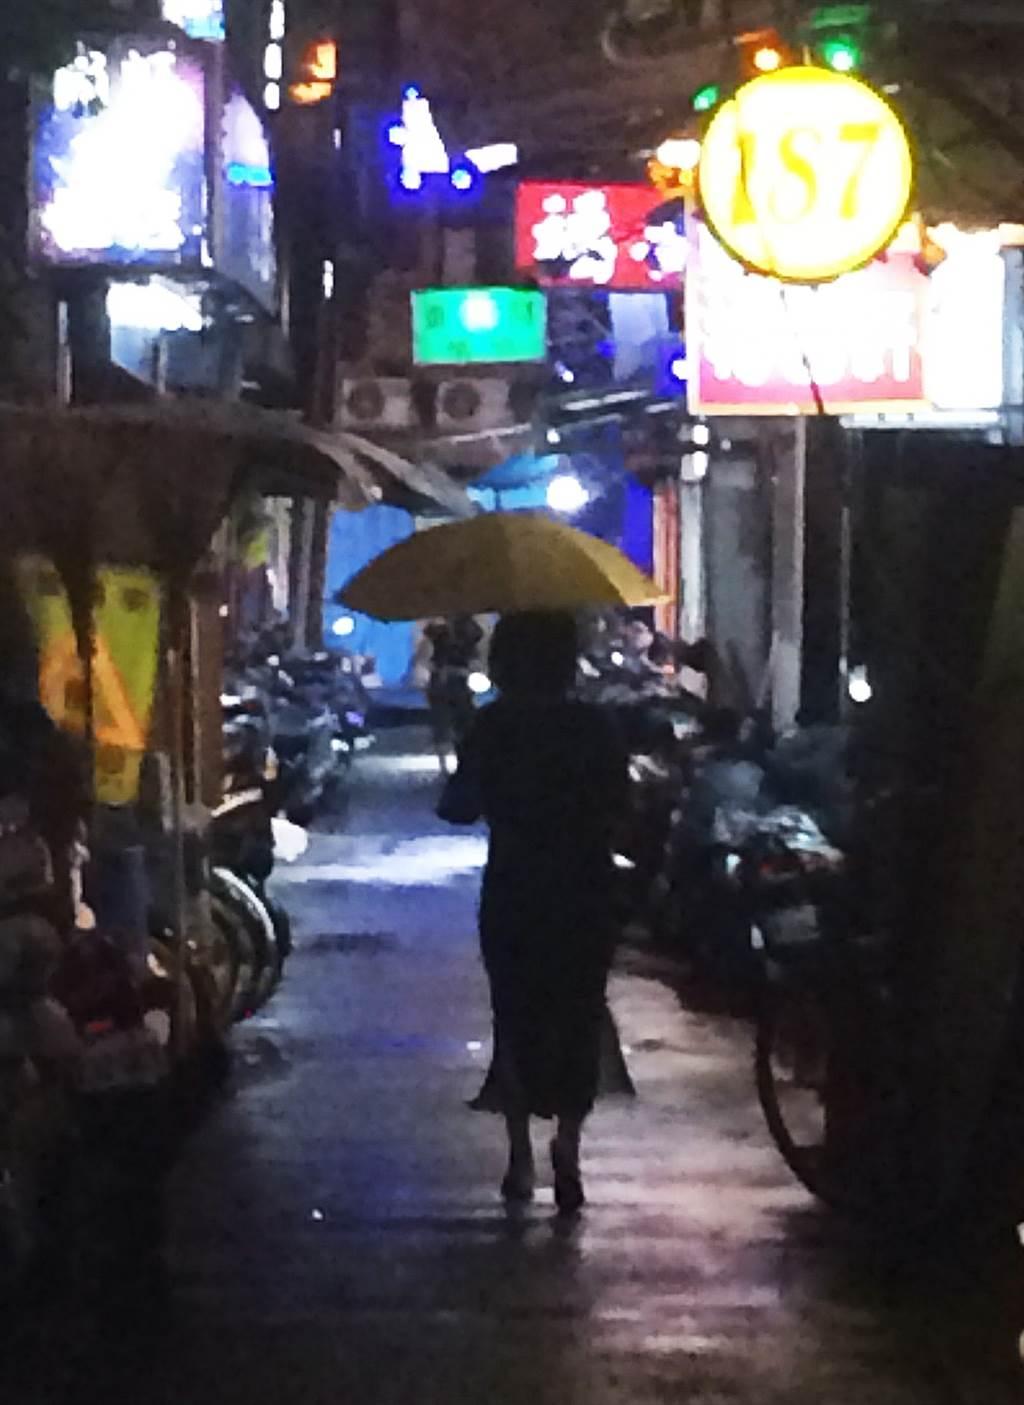 萬華夜晚舞影婆娑,陪酒小姐成為當地特色文化之一。(中時資料照/陳怡誠攝)